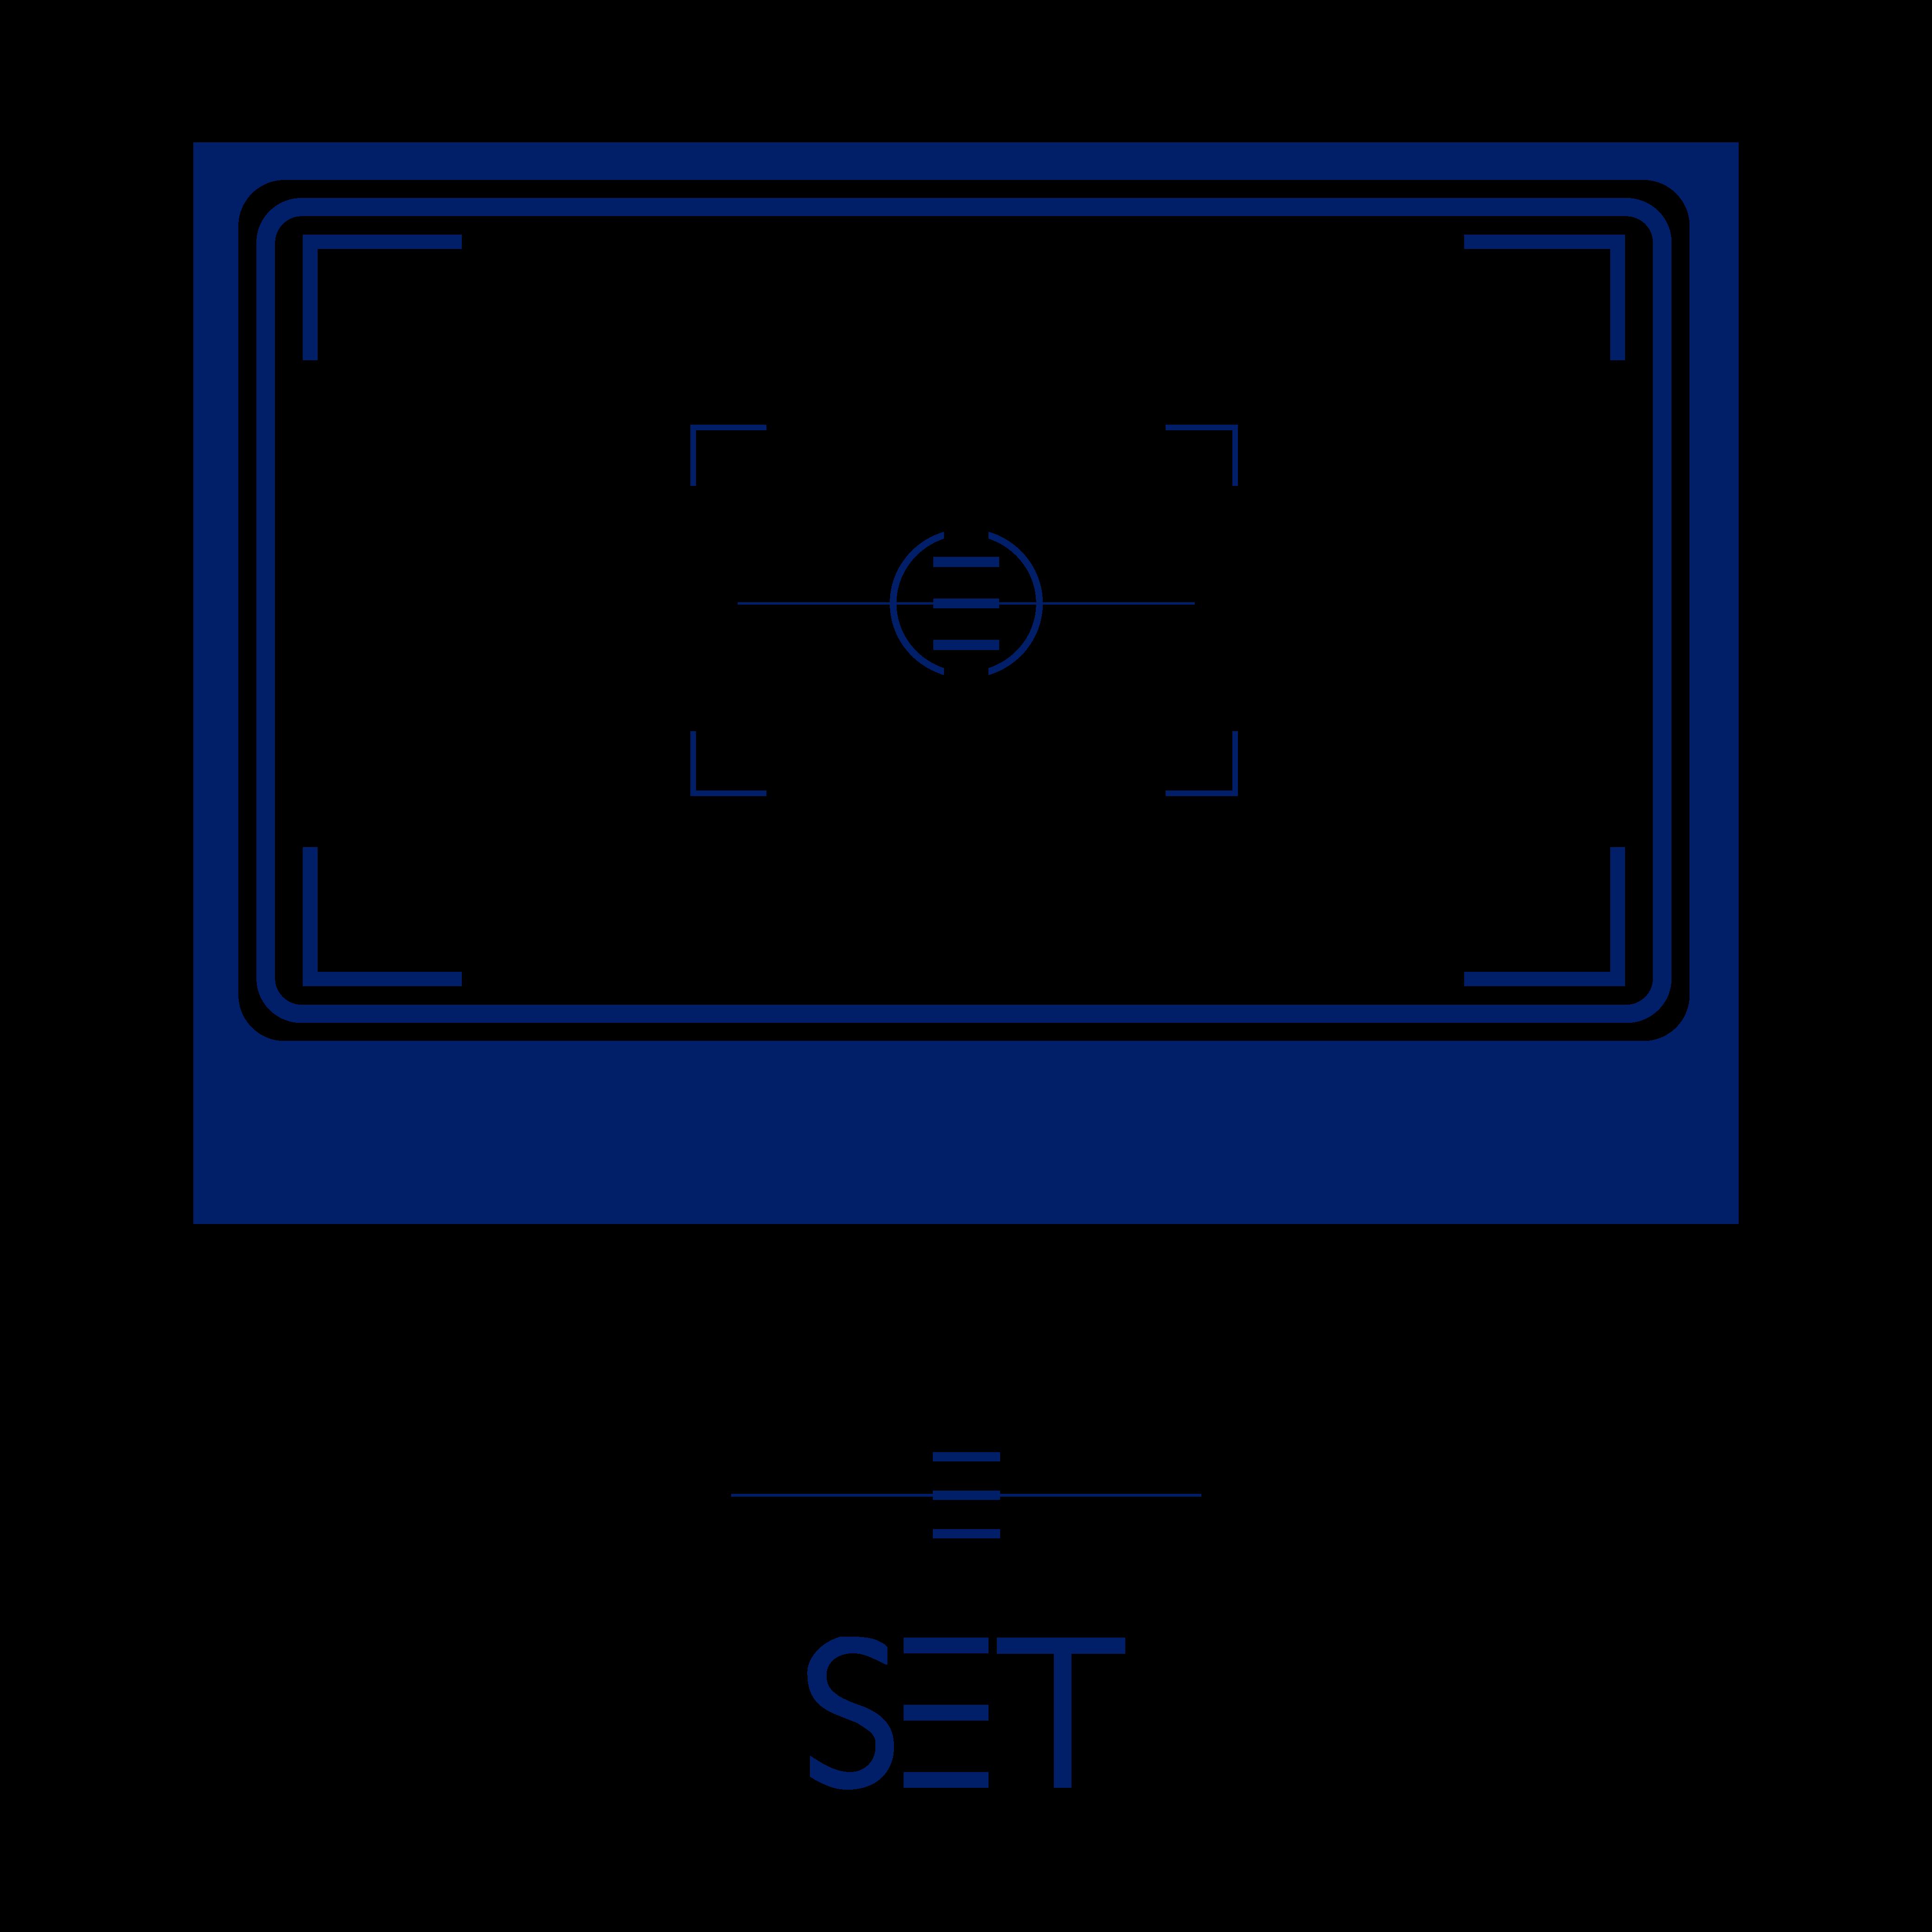 Pittogrammi Area 51 BIS Set BLU (01 Giugno 2021)